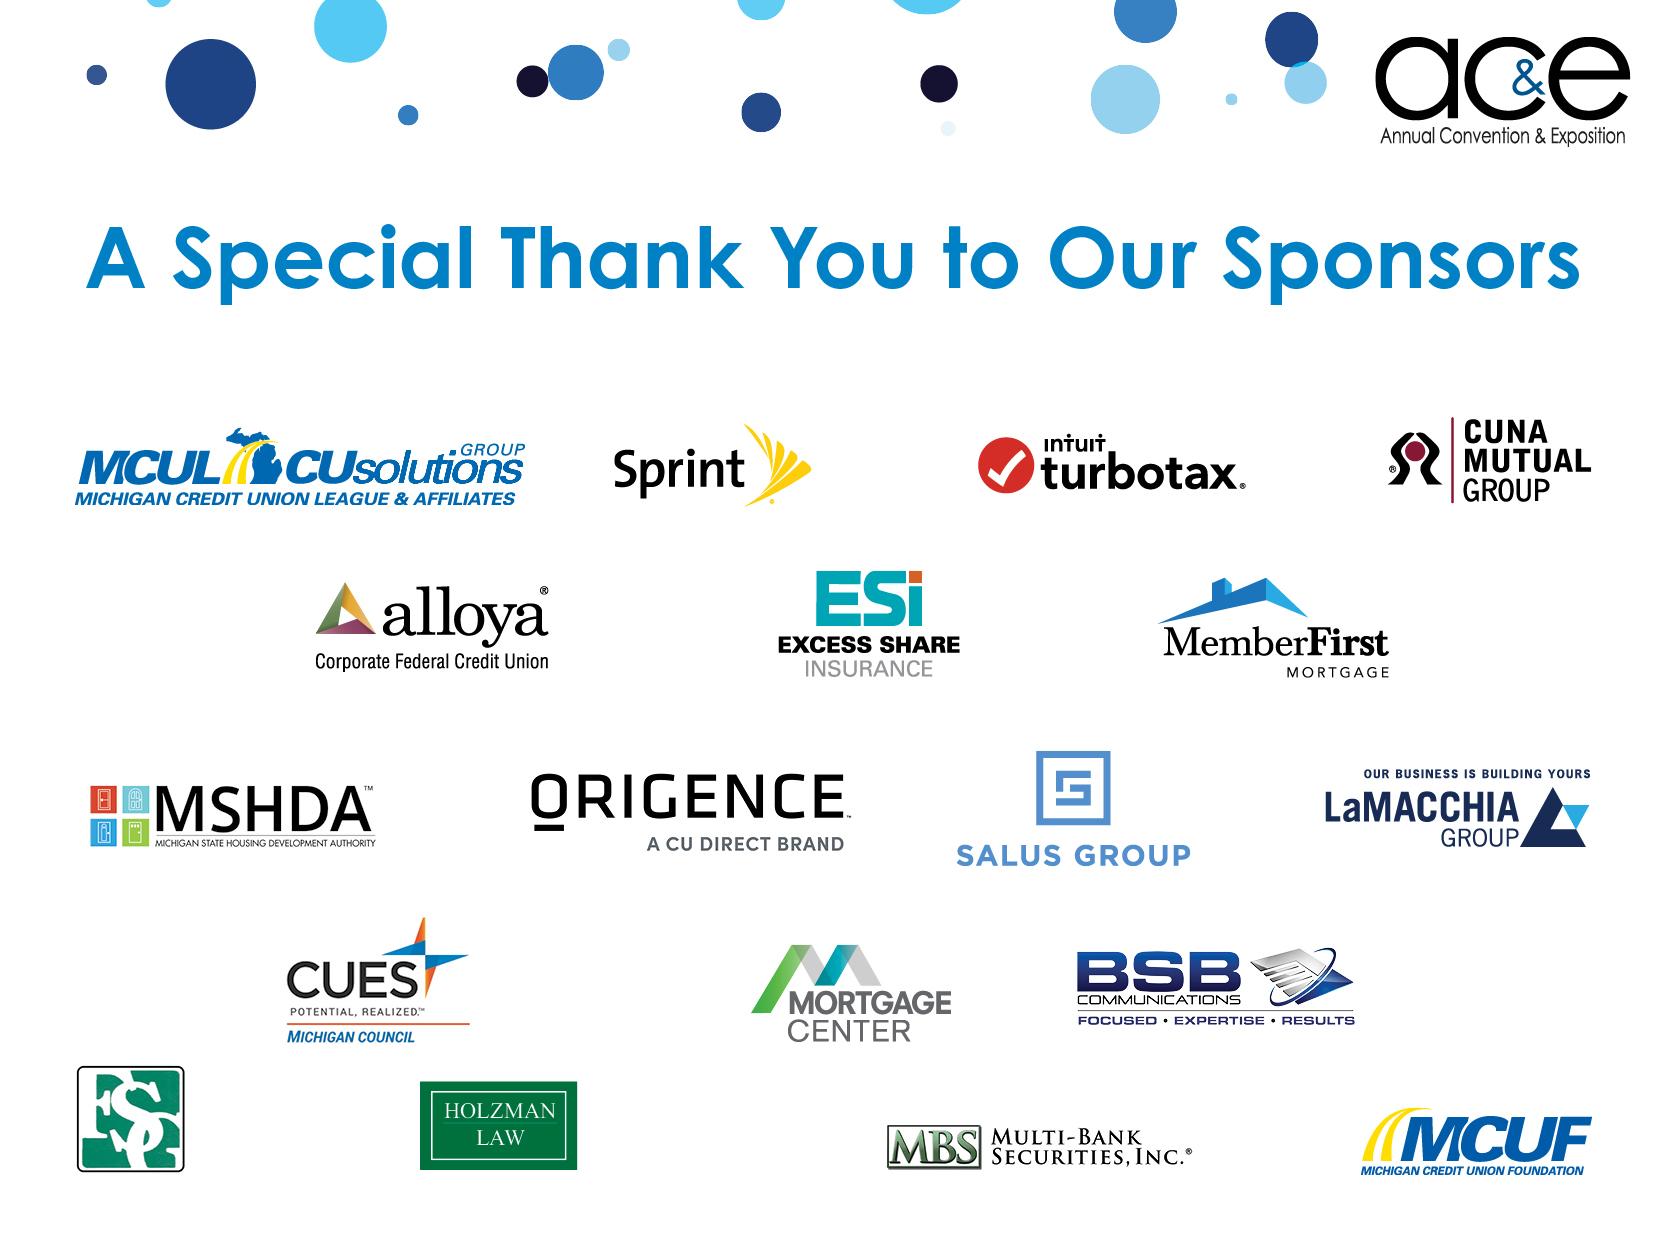 AC&E Sponsor Appreciation